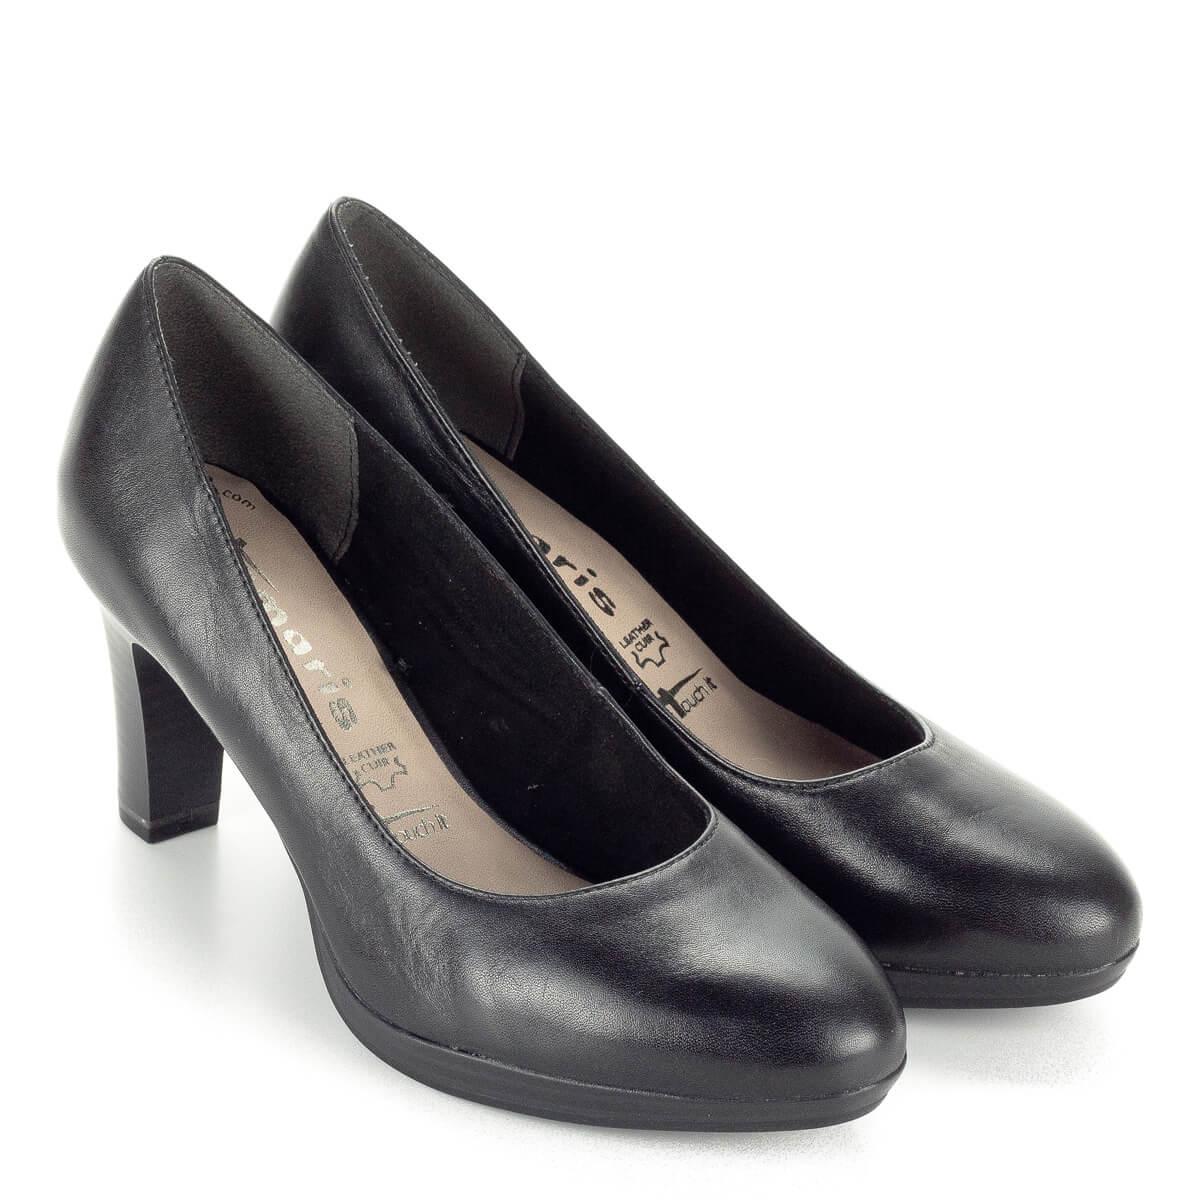 ... Tamaris cipő 7 00ed438079